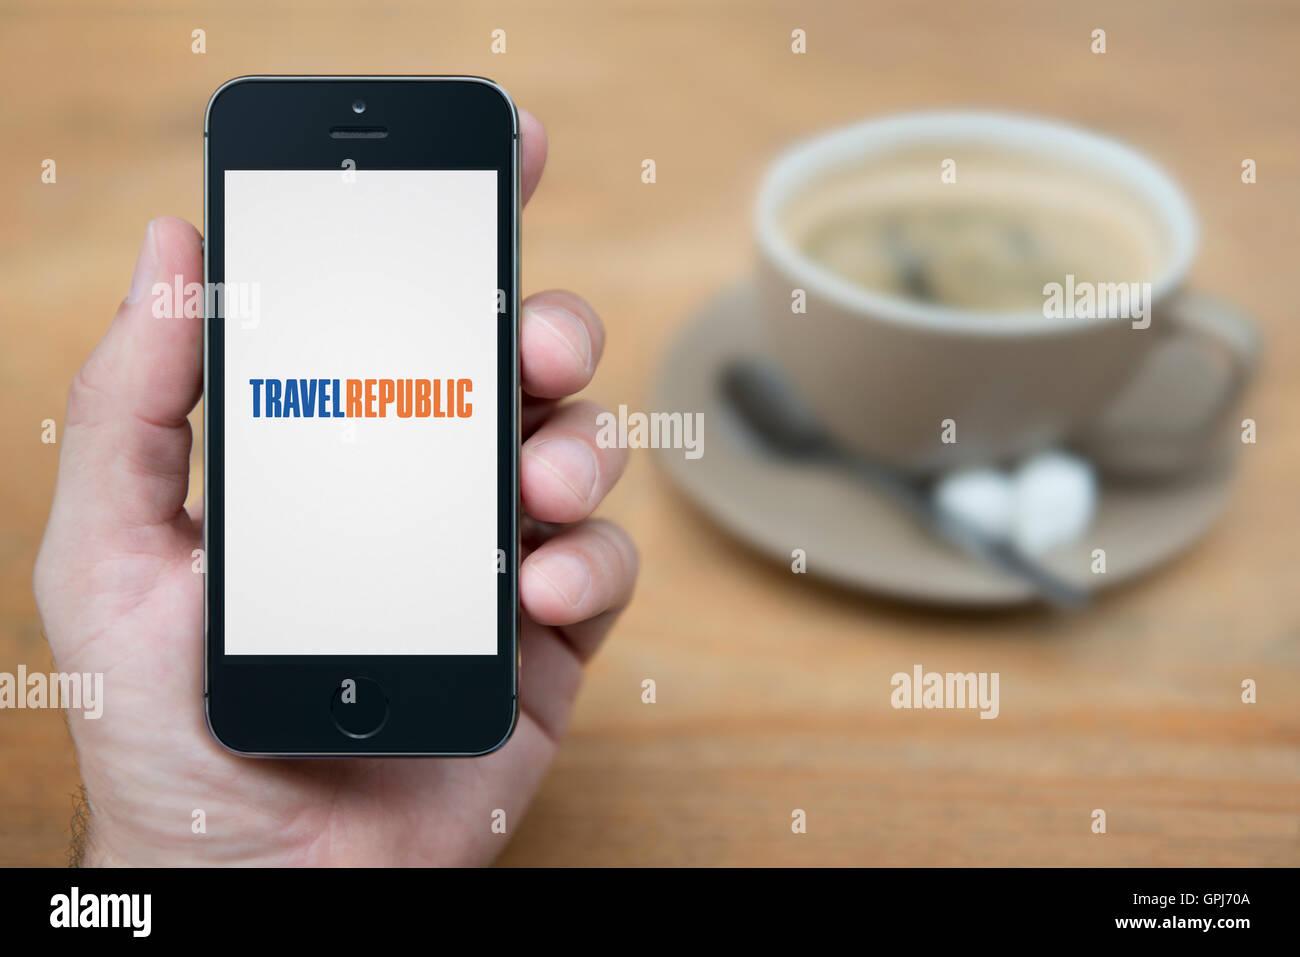 Un homme se penche sur son iPhone qui affiche le logo République Voyage, alors qu'assis avec une tasse Photo Stock